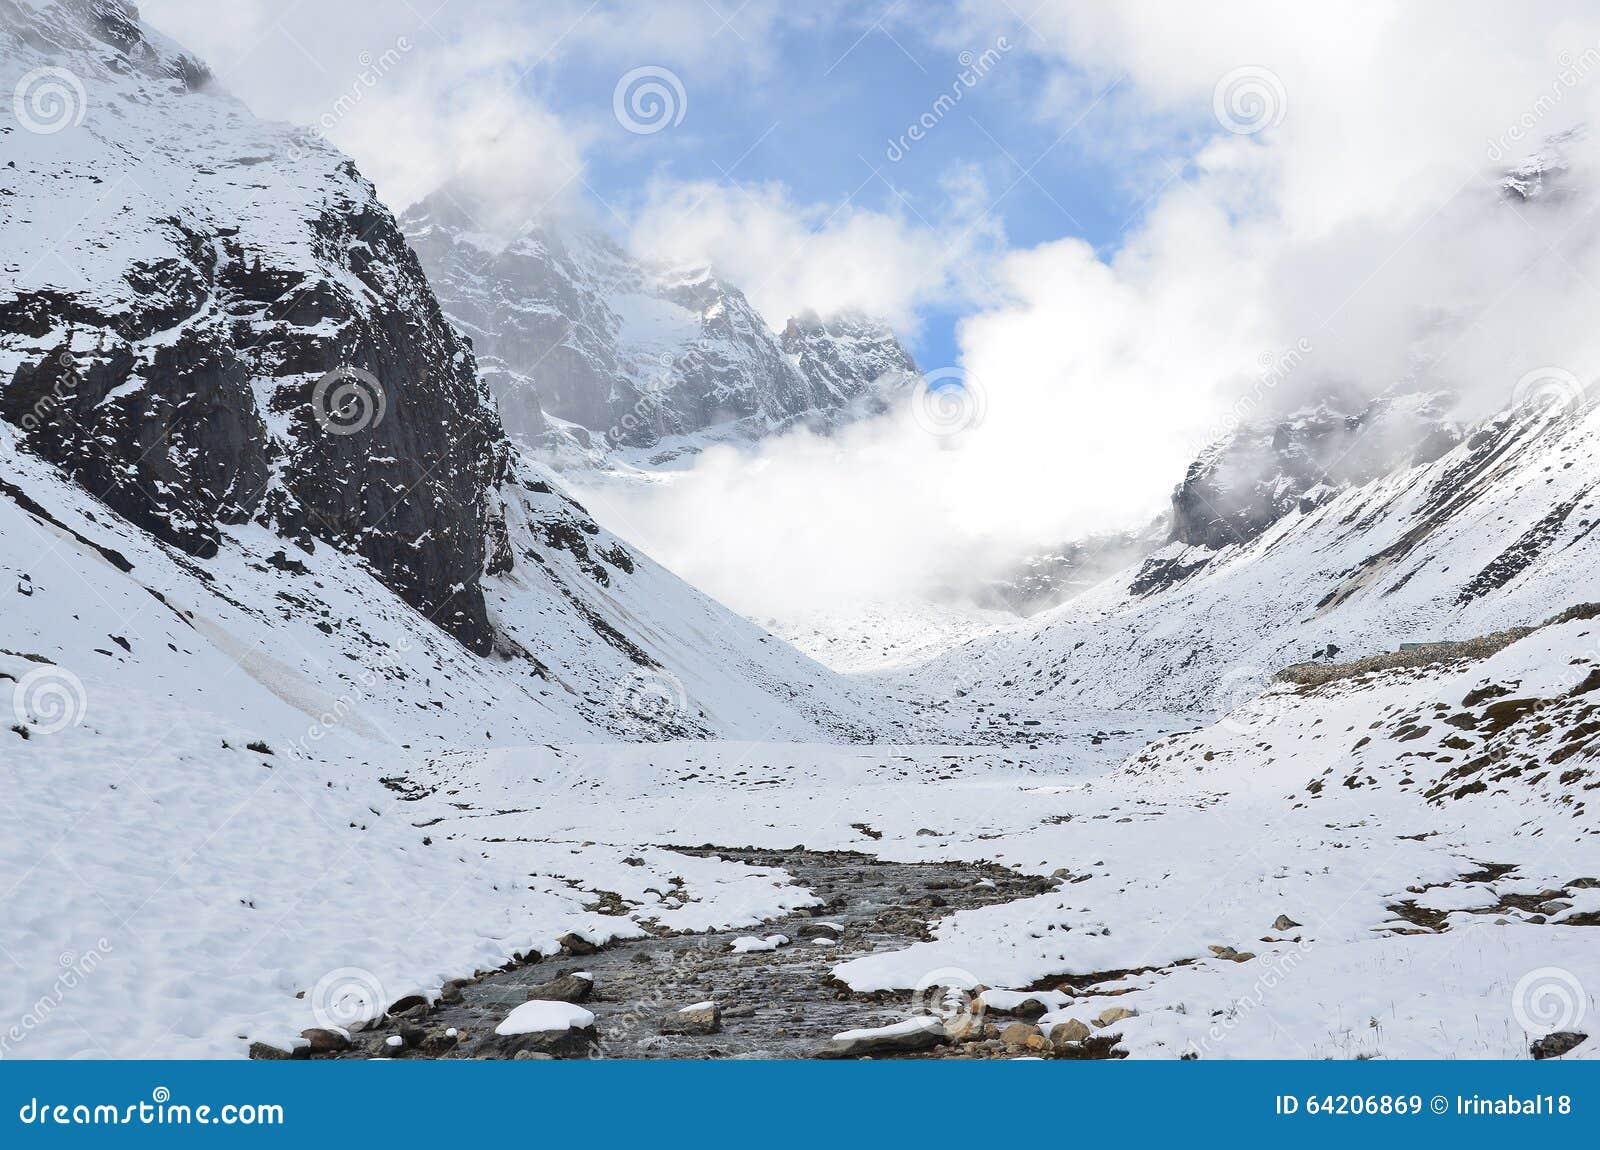 Nepal, emigrando en Himalaya, paisaje de la montaña cerca del pueblo de Machermo, 4100 metros sobre nivel del mar